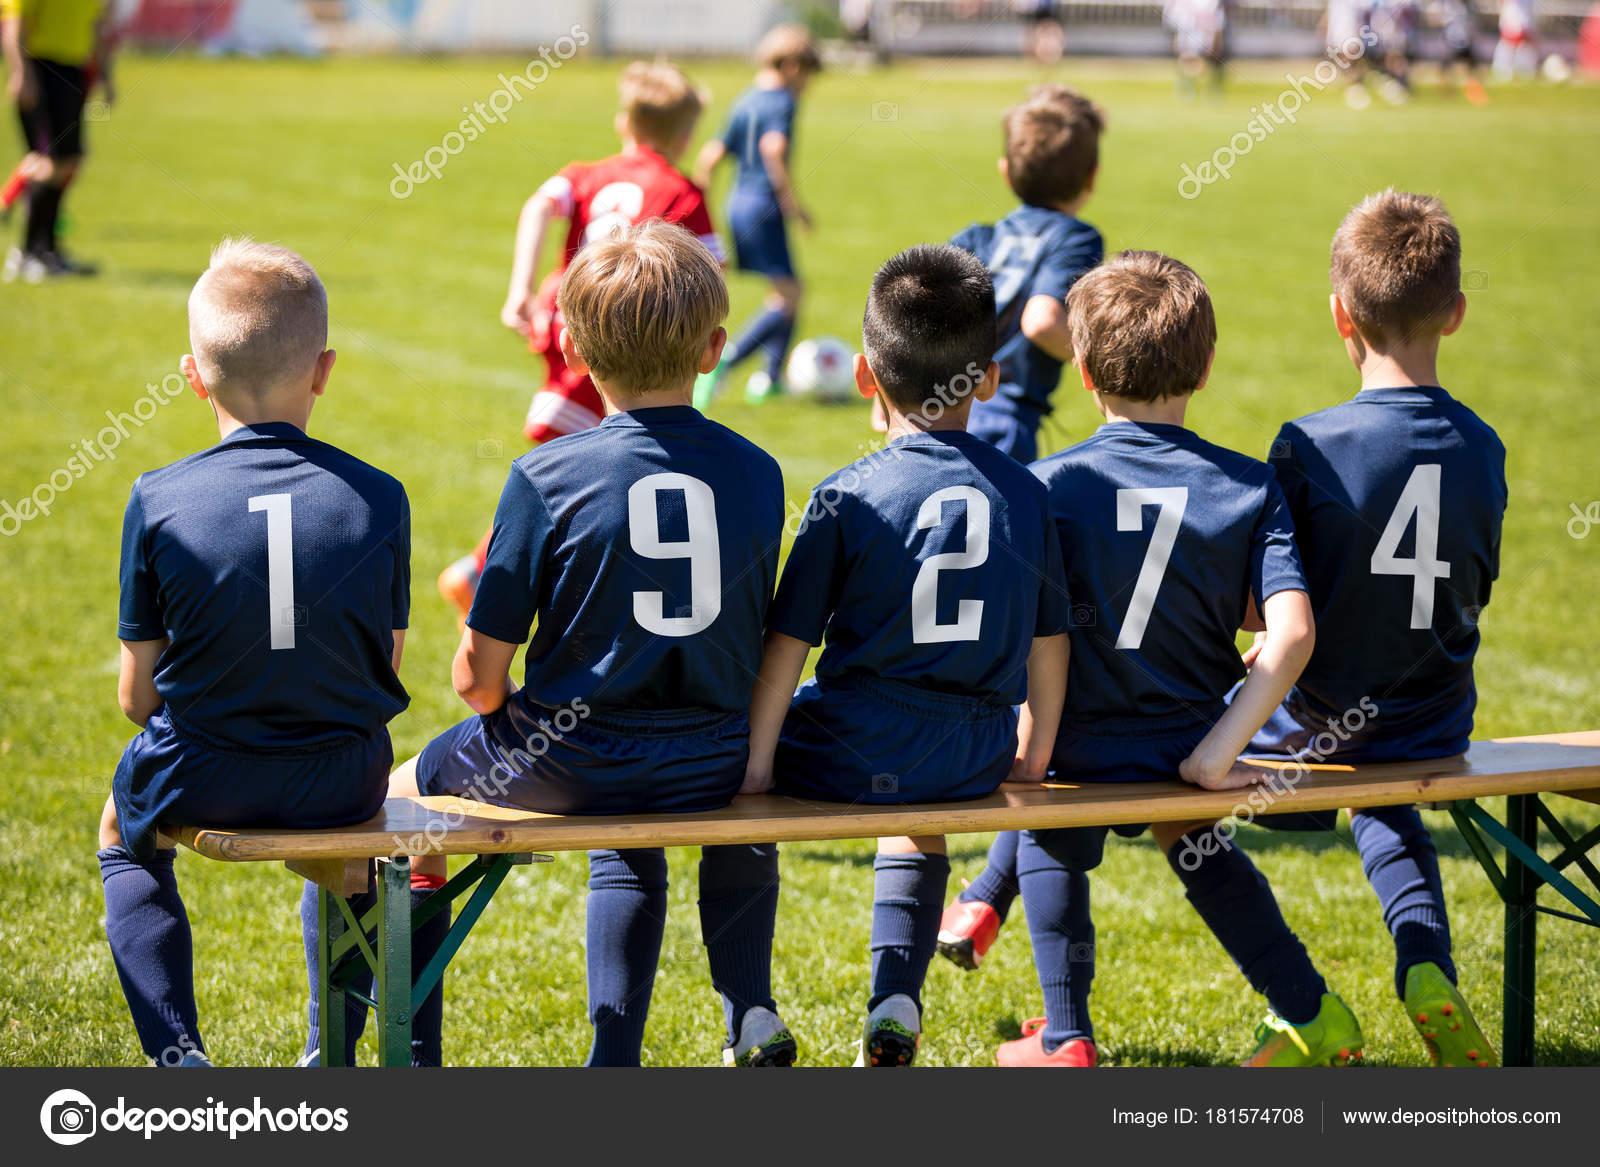 2e55ec79b4c73 Los niños deporte equipo sentado en un banco. Grupo de niños jugadores de  fútbol. Club de fútbol de niños. Torneo de fútbol soccer juego para los  niños.